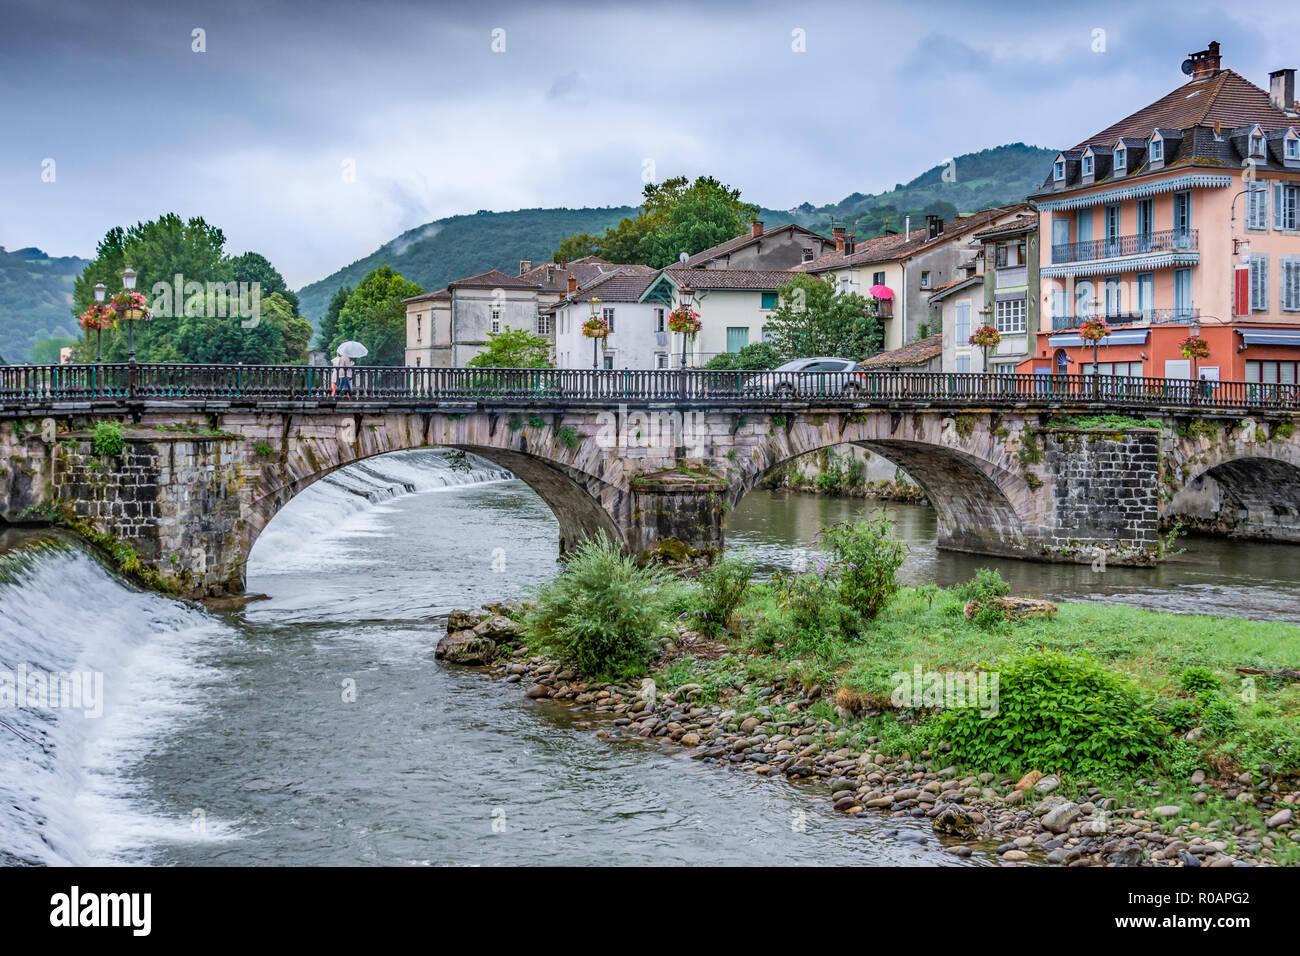 Alte Brücke über den Fluss Salat im zentralen Teil des alten Dorfes Saint Girons. Ariege Frankreich Stockbild